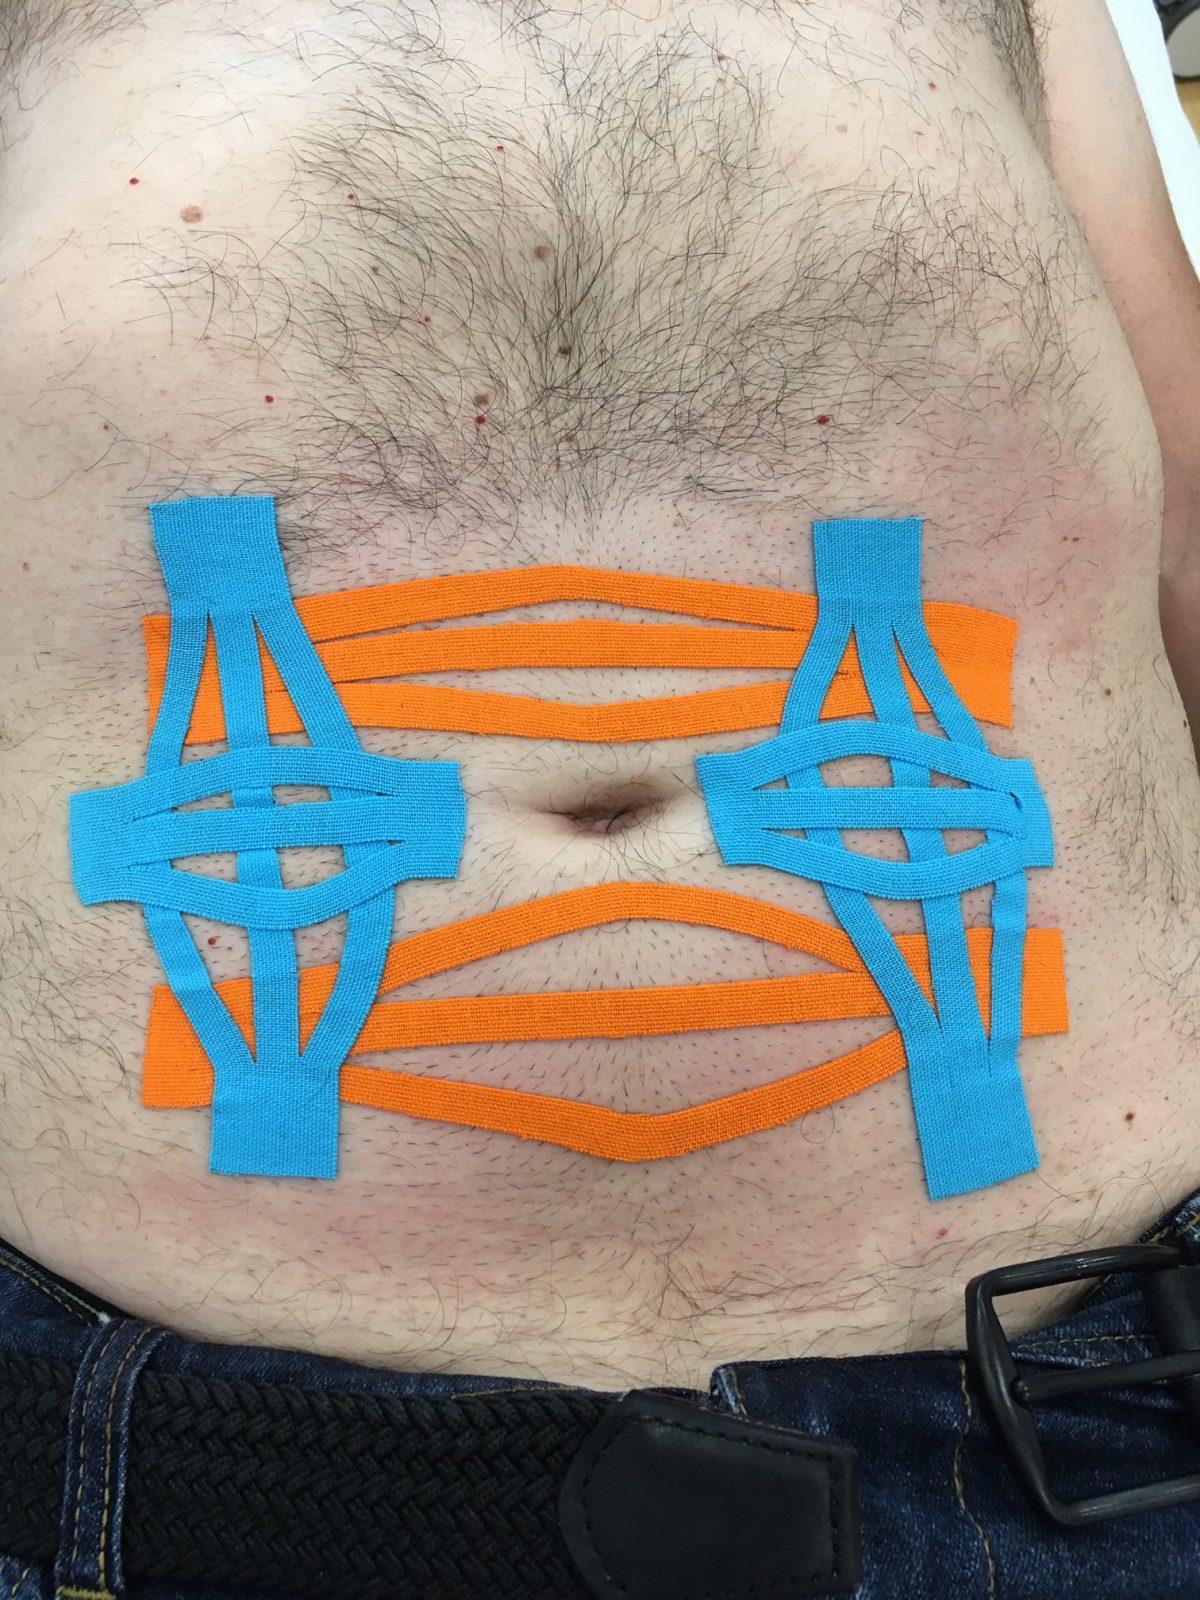 Retracción fascial abdominal con técnica de espacio